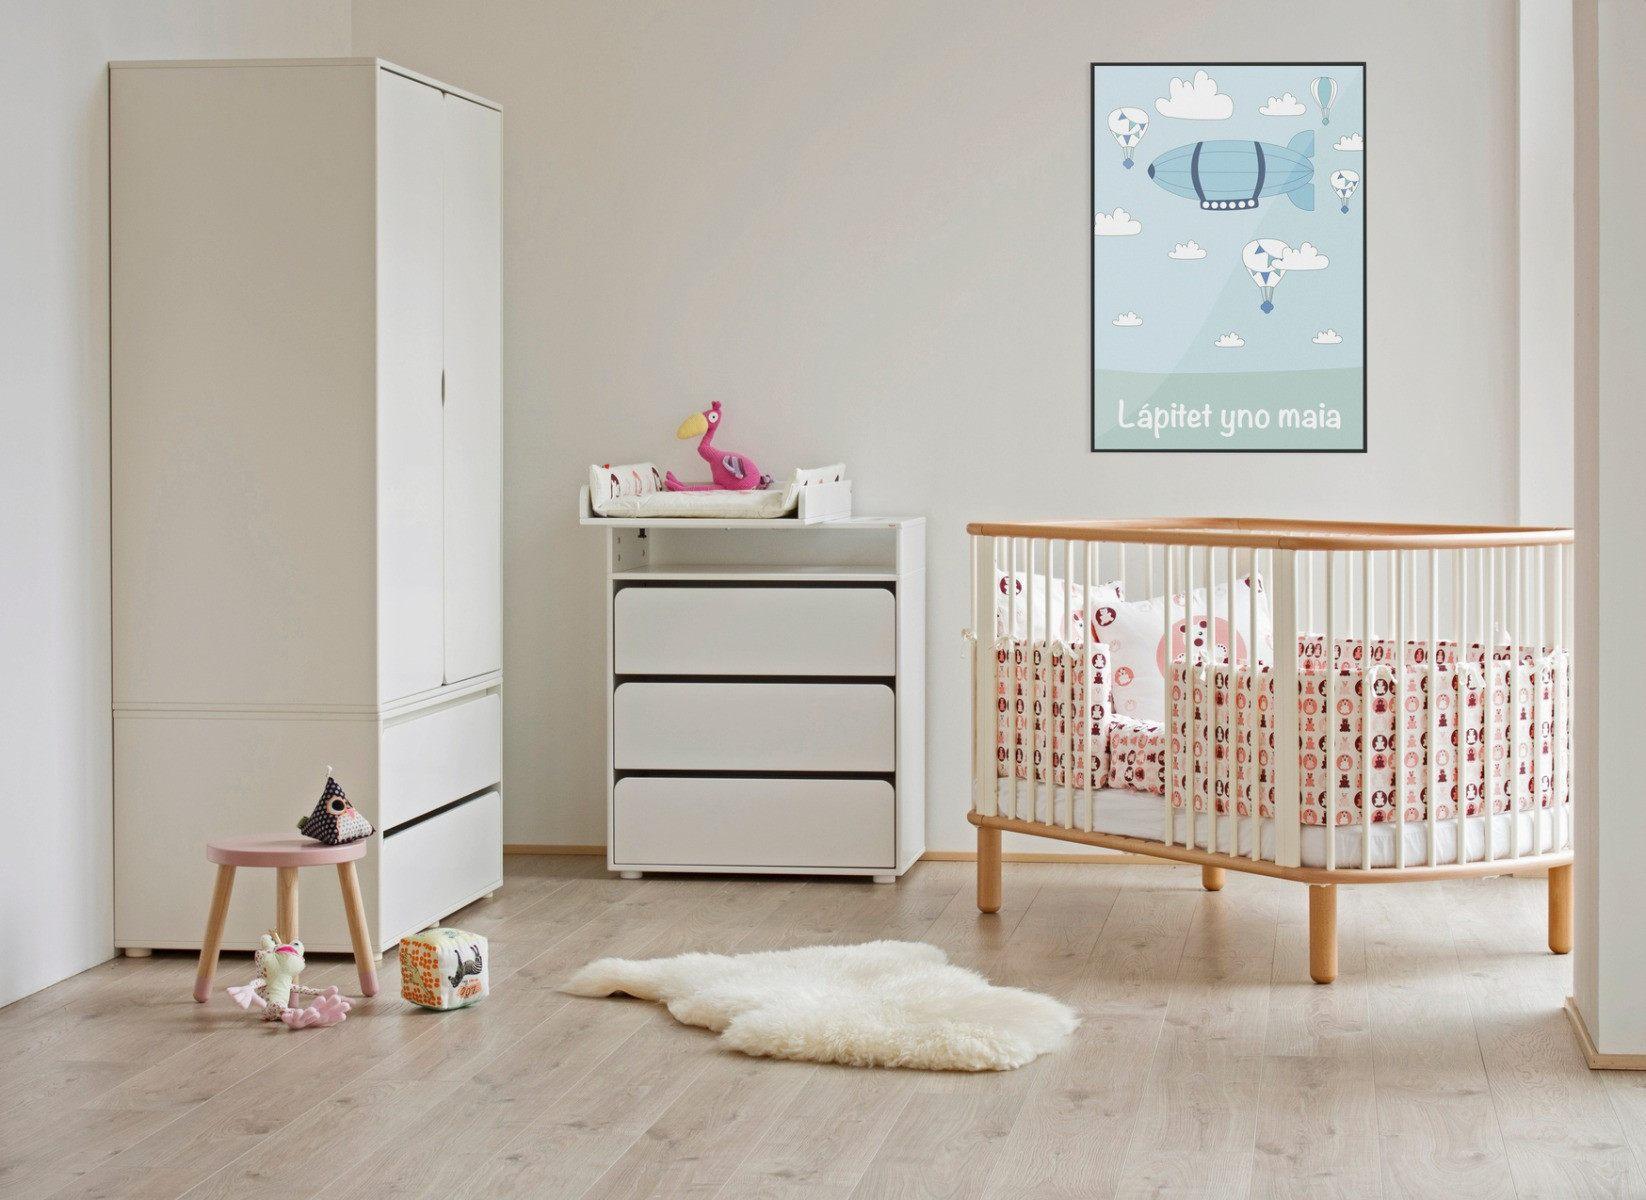 Lit Bebe Blanc Génial Lit Bebe Gris Et Blanc Impressionnant 20 Beautiful Deco Chambre